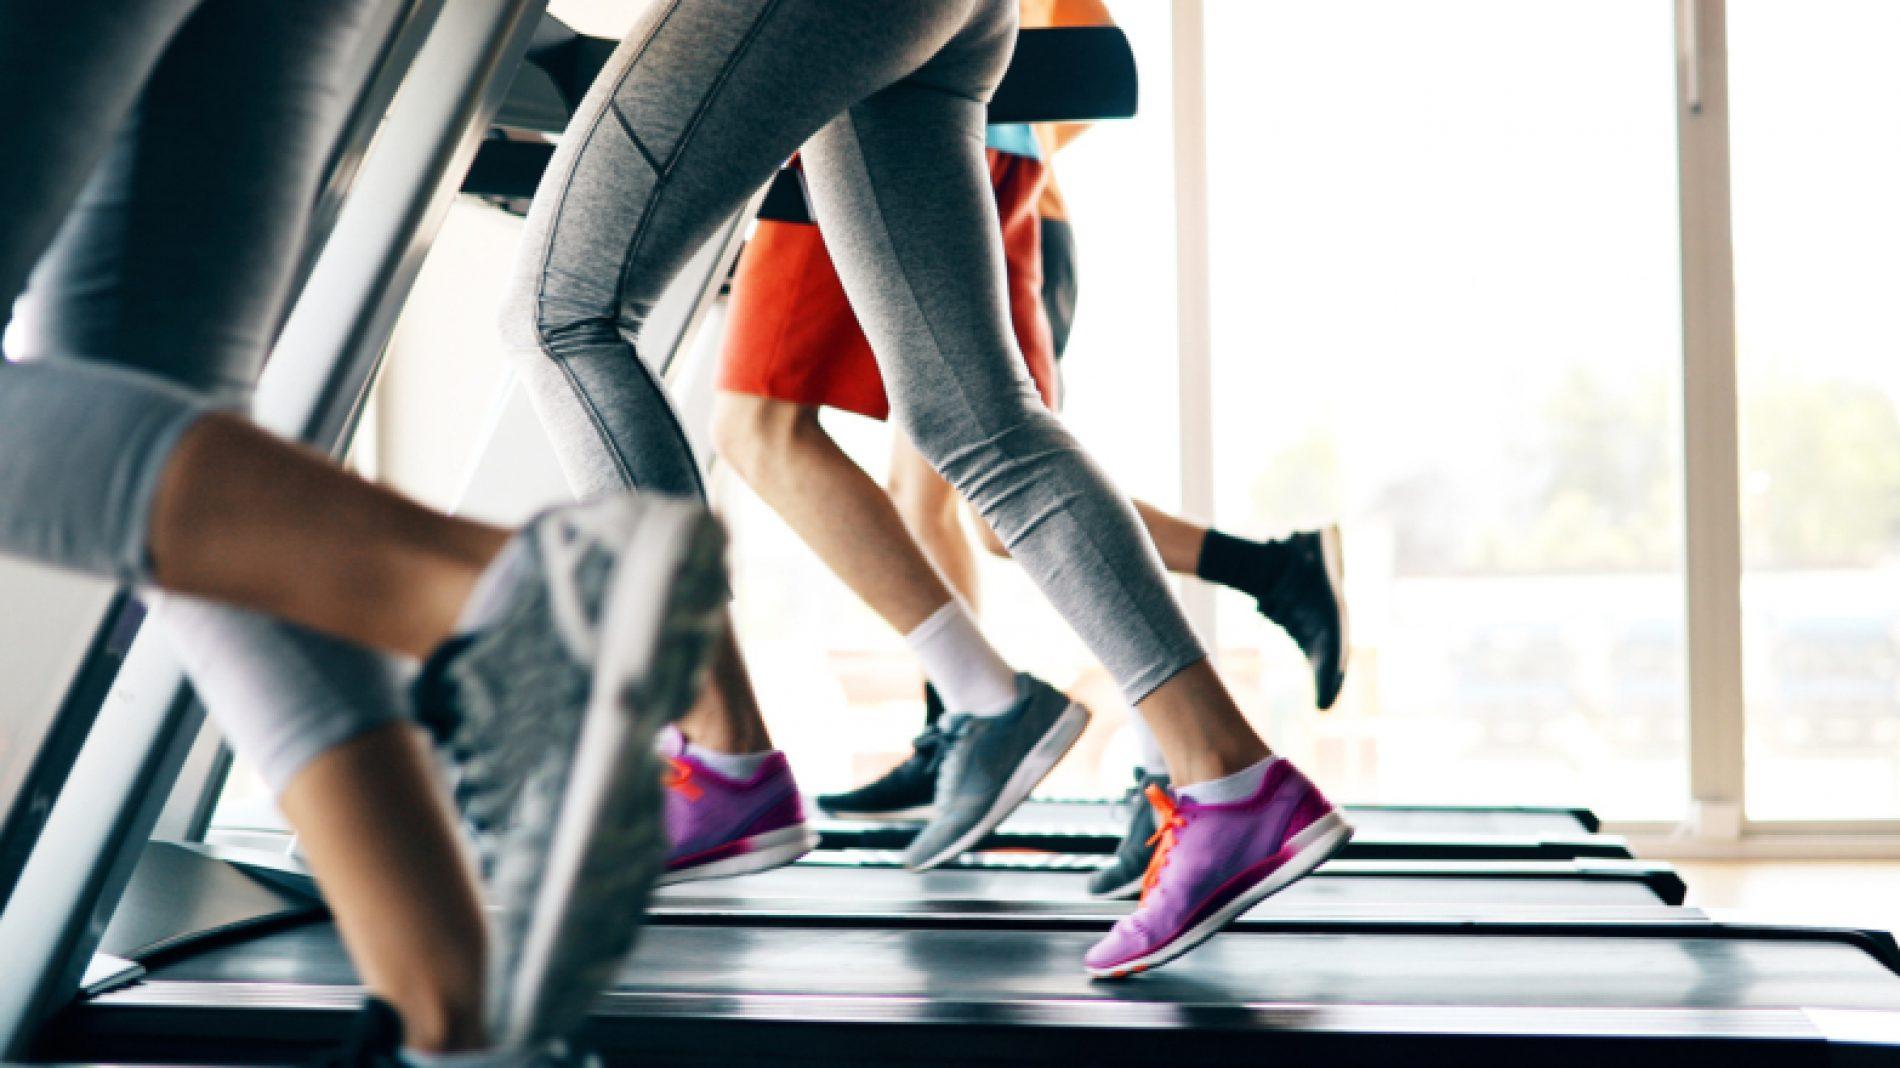 Running-on-a-treadmill-LOZpi5